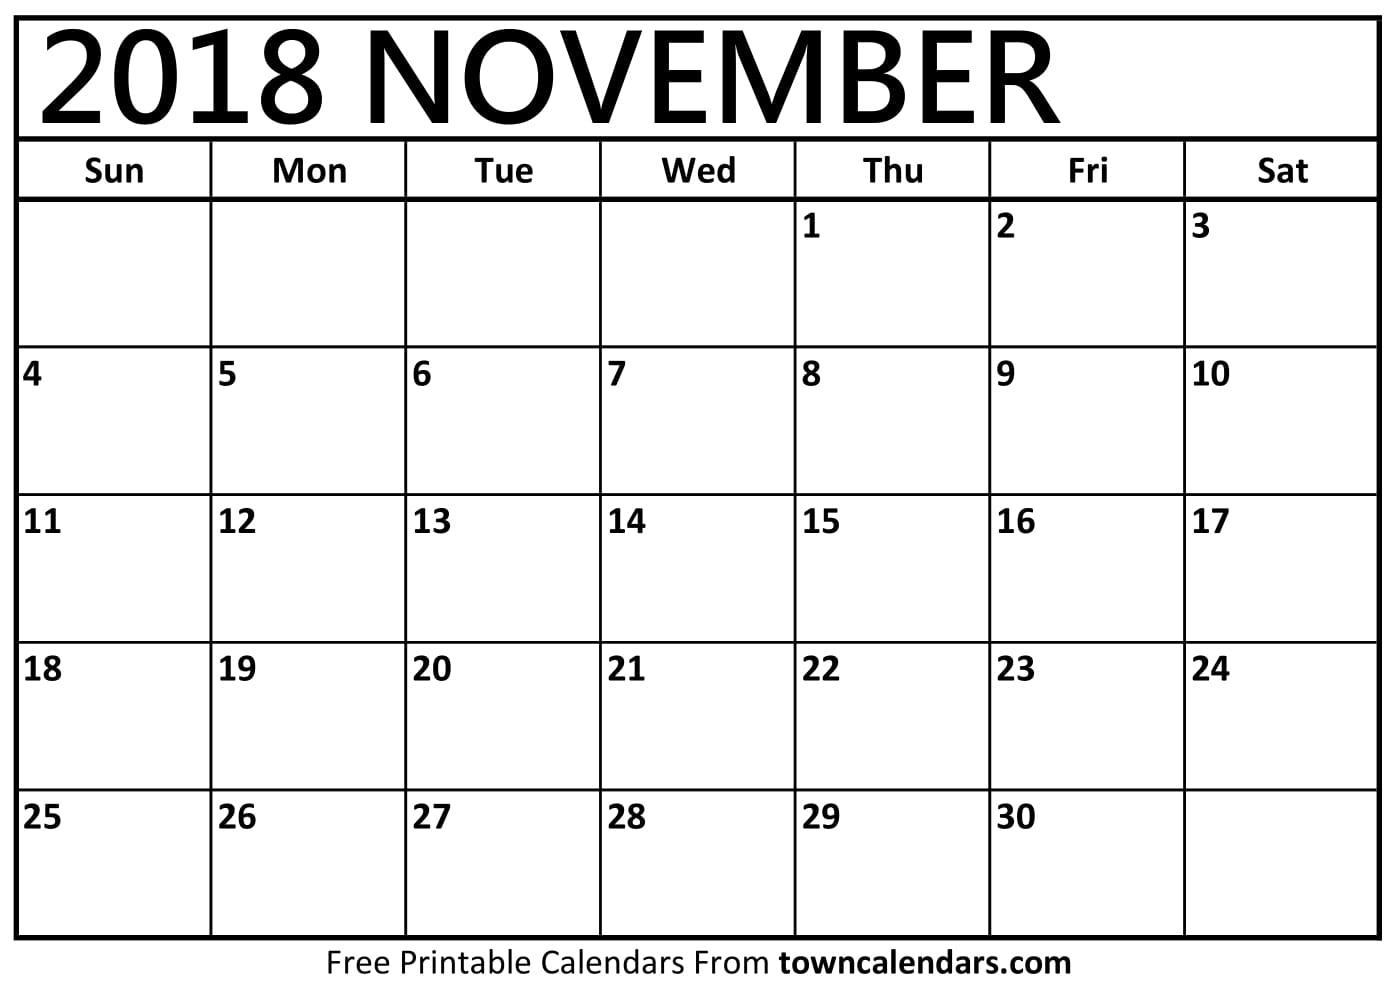 November 2018 Calendar November 2018 Calendar Printable